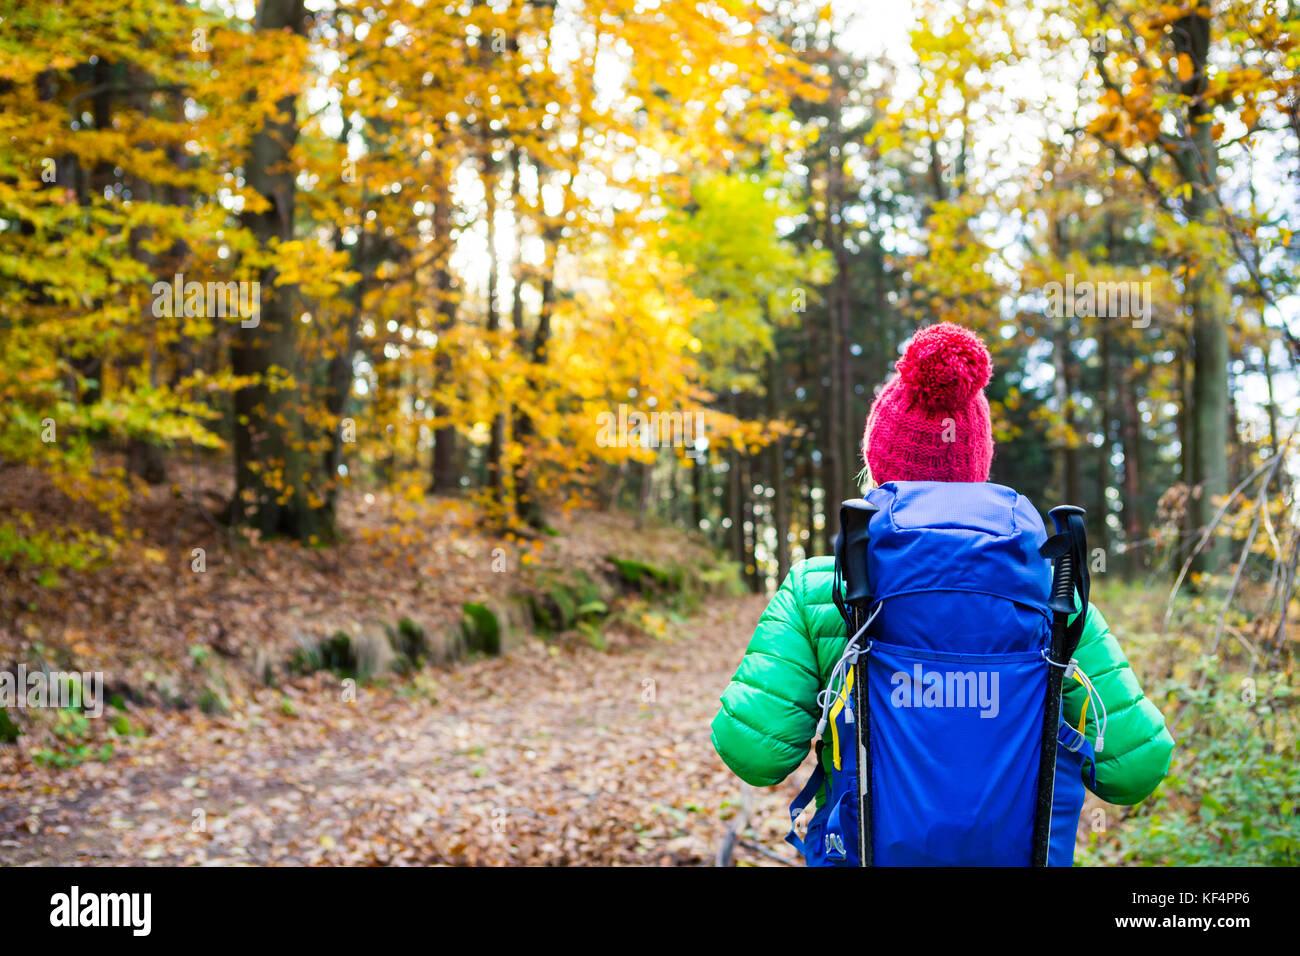 Sac à dos randonnée femme avec à la recherche à l'automne d'inspiration bois doré. Photo Stock